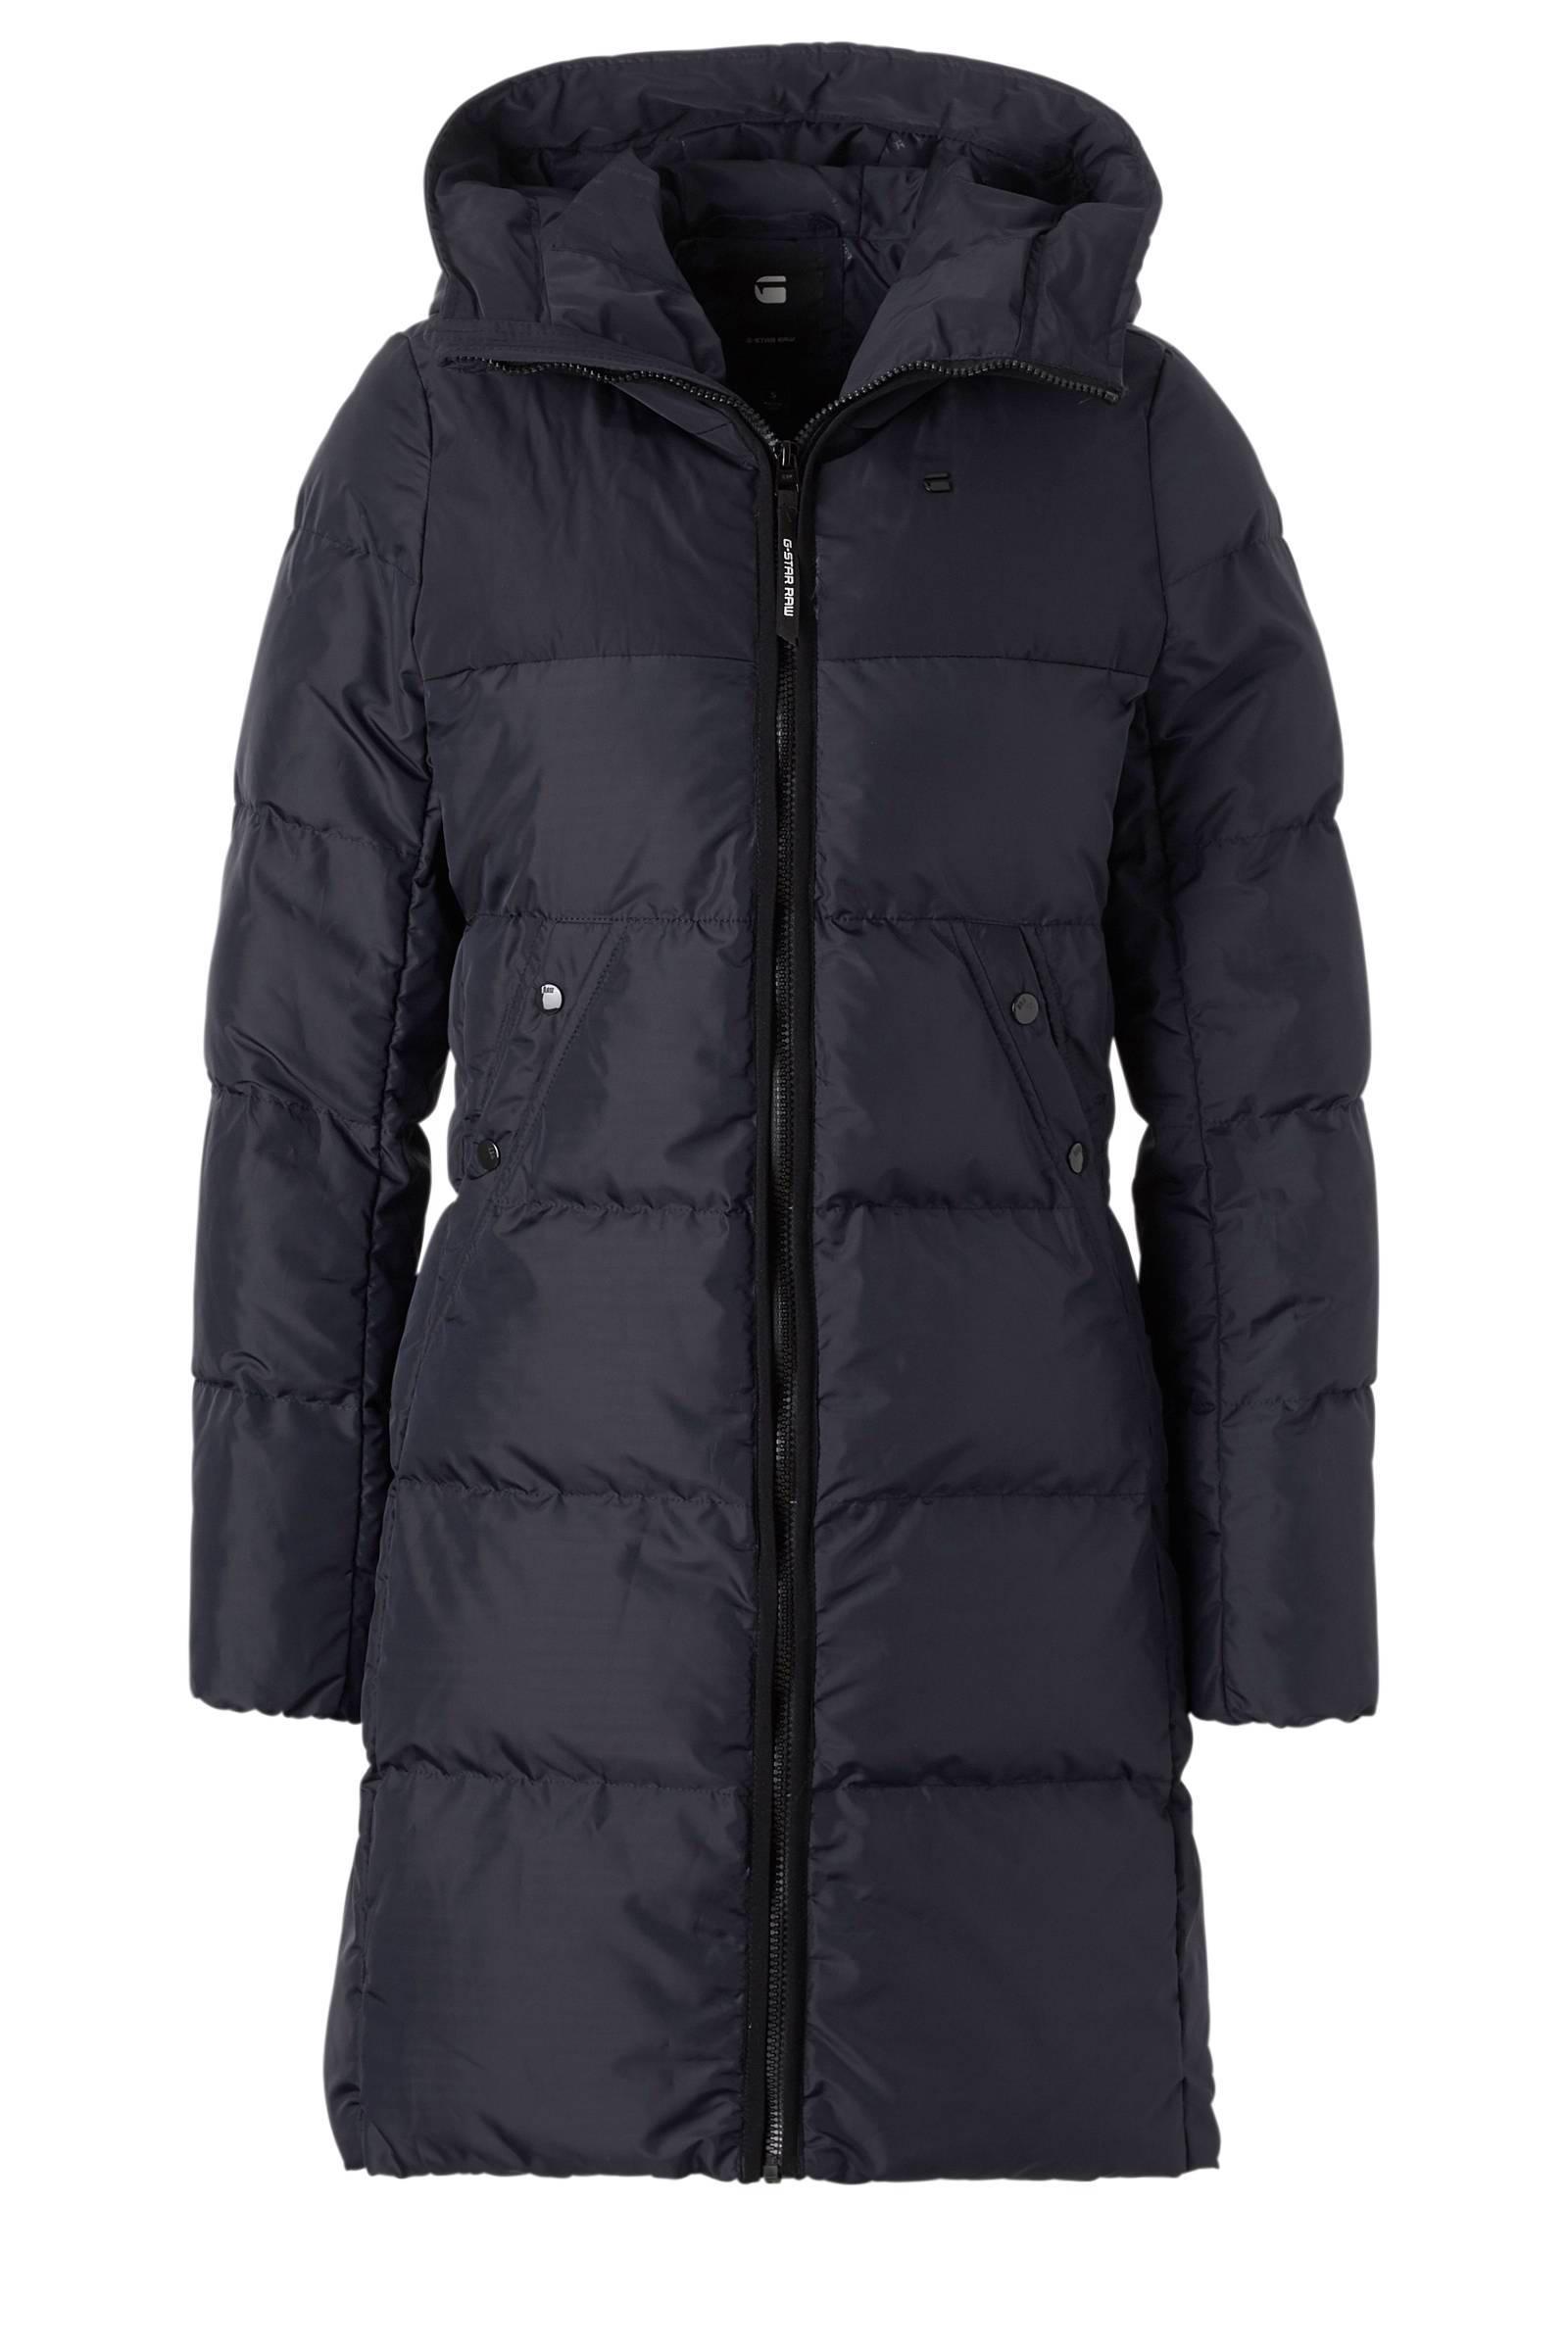 winterjas dames nieuwe collectie